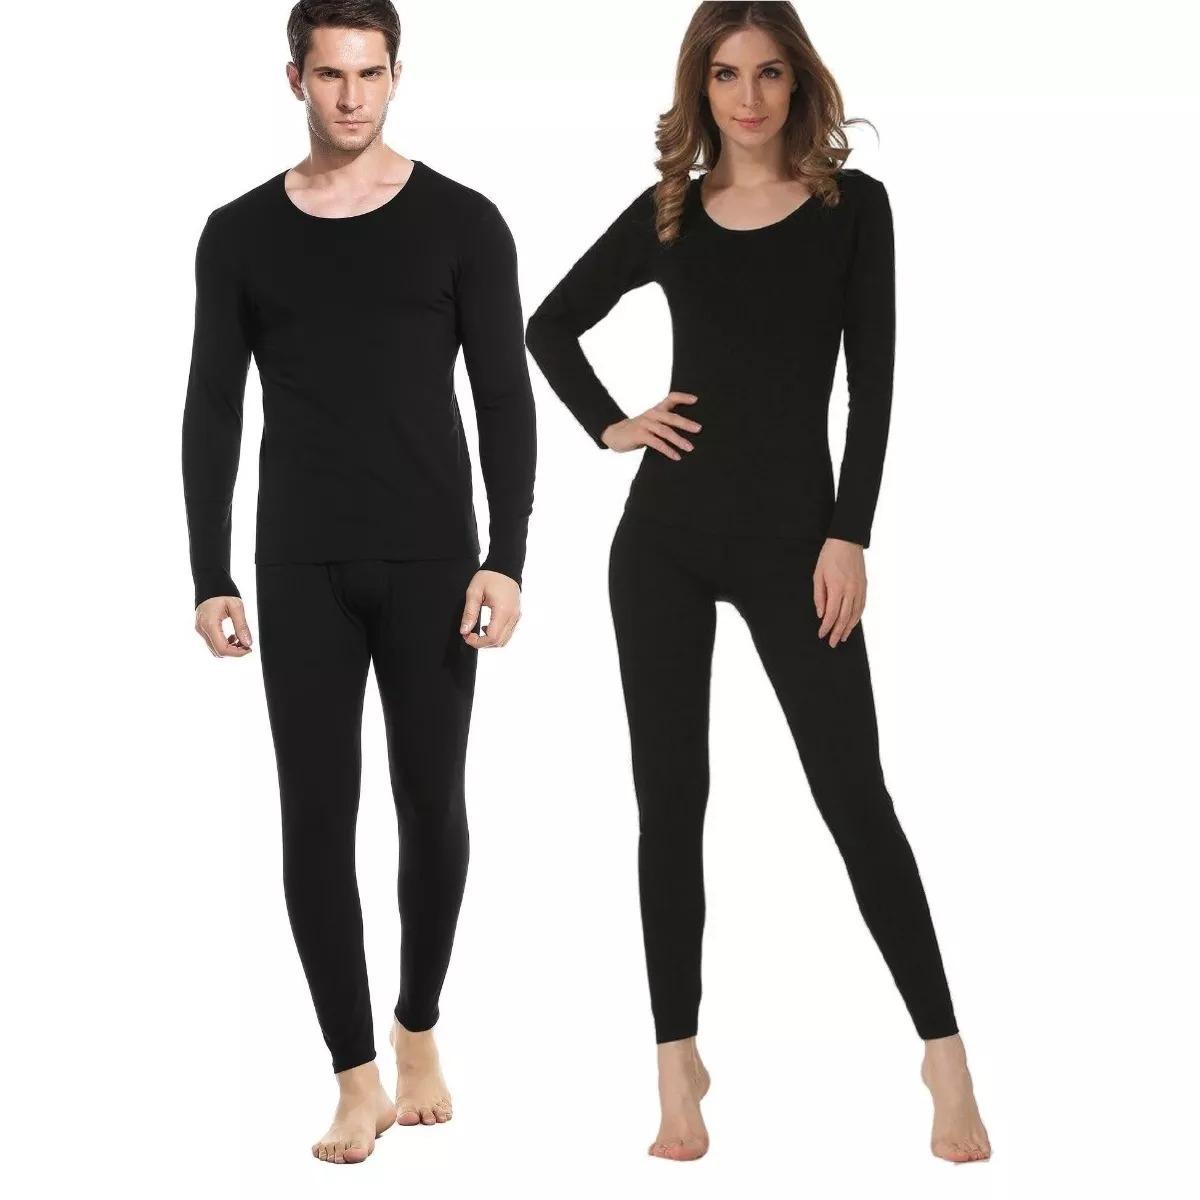 f31785d0f conjunto calça blusa térmica roupafrio segunda pele feminino. Carregando  zoom.